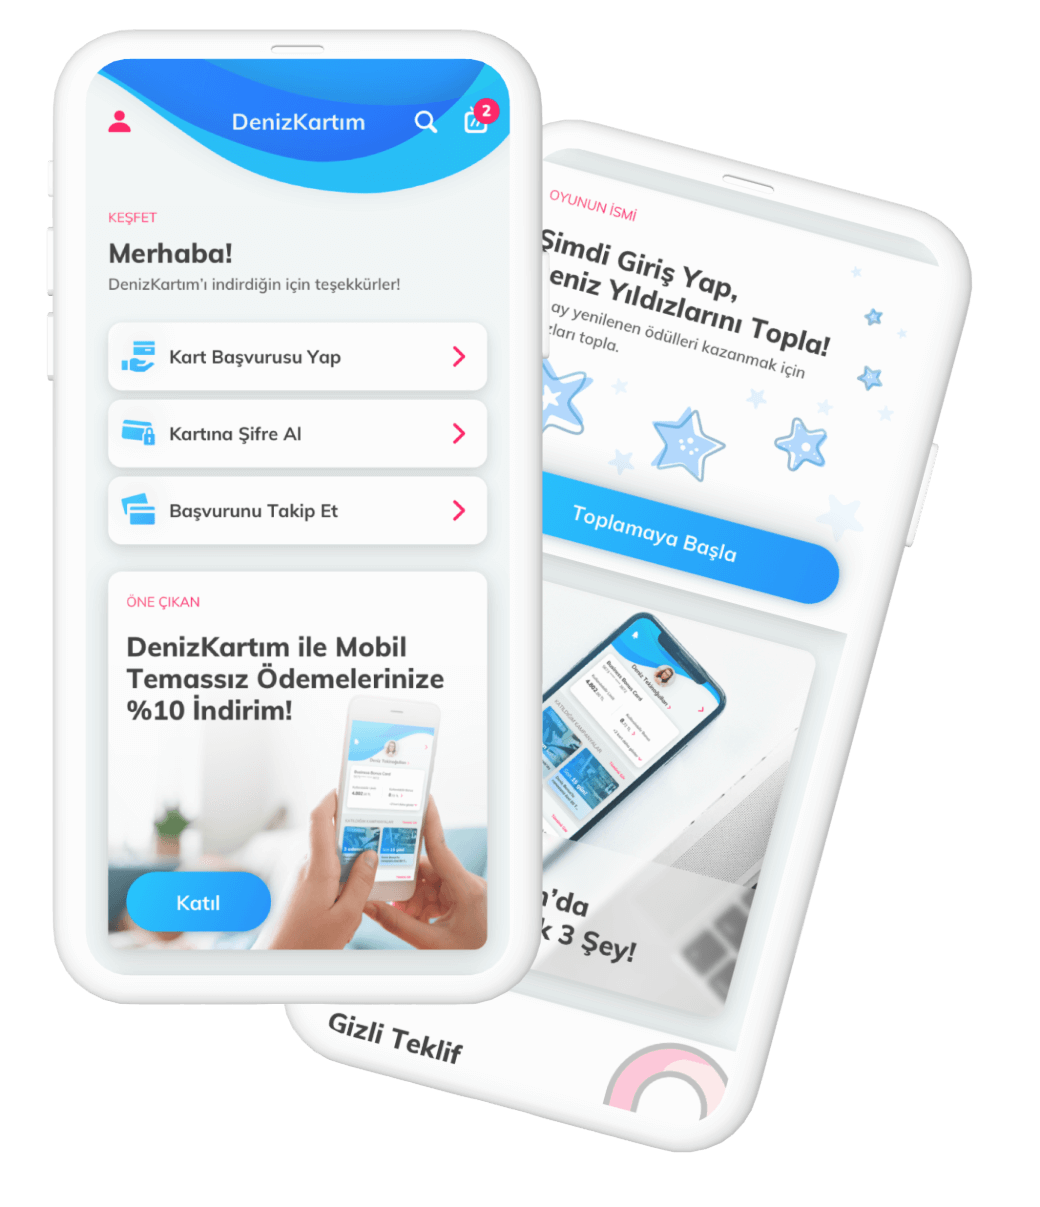 Denizbank_Denizkartım_Uygulama_tasarımı_userspots